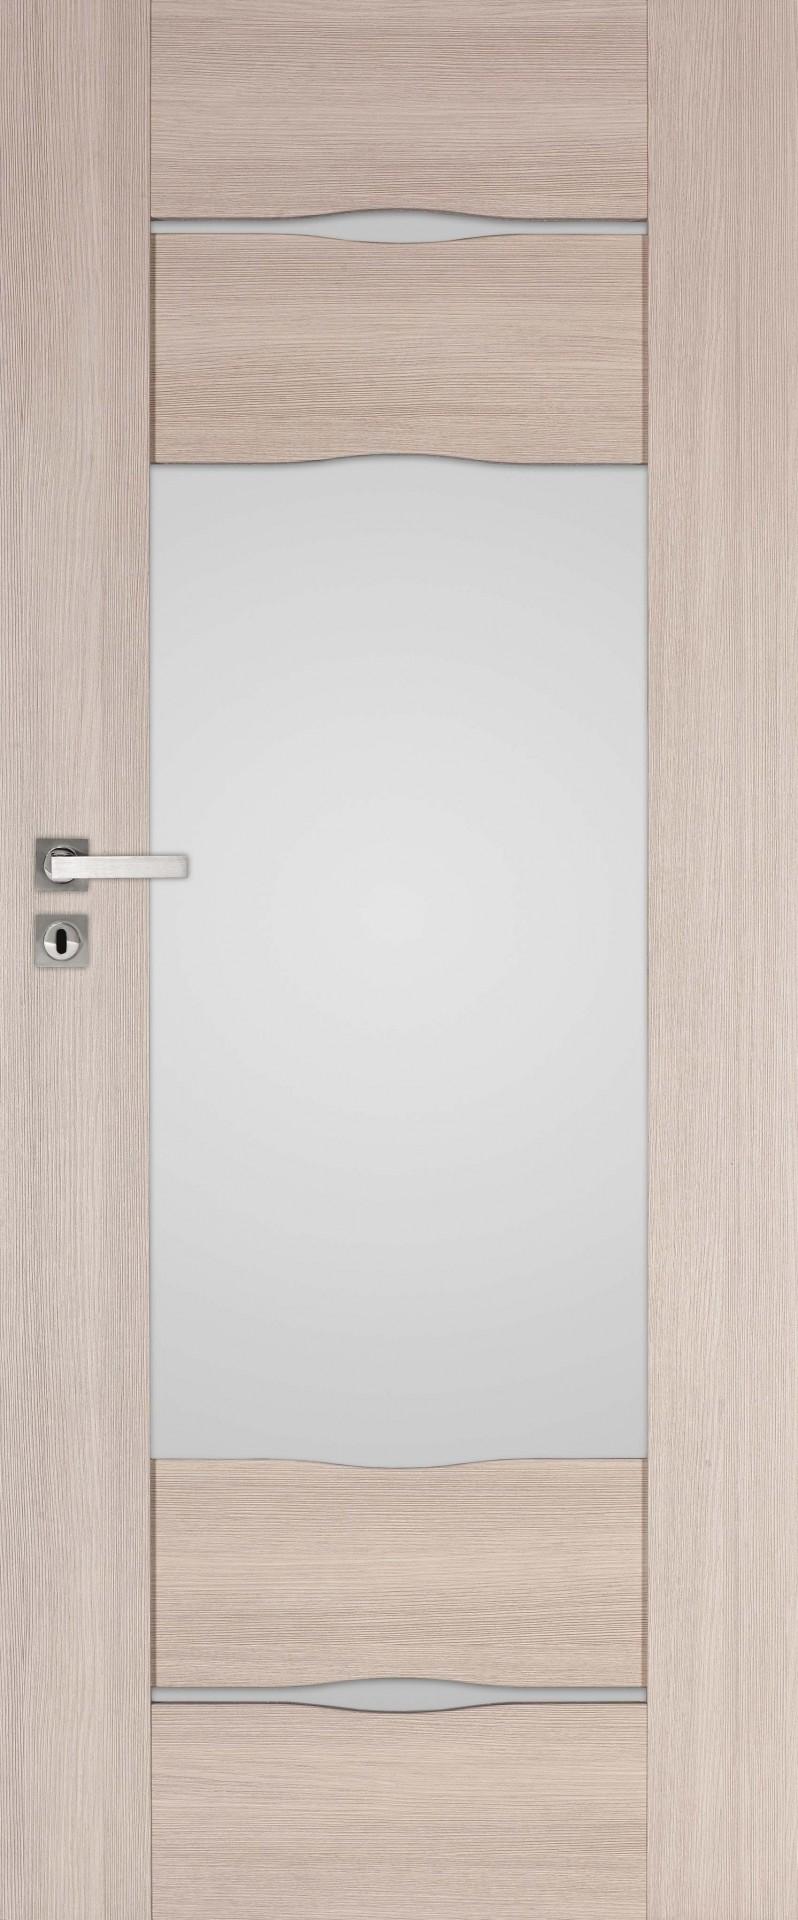 Dre dveře VERANO 5, Šíře v cm 80